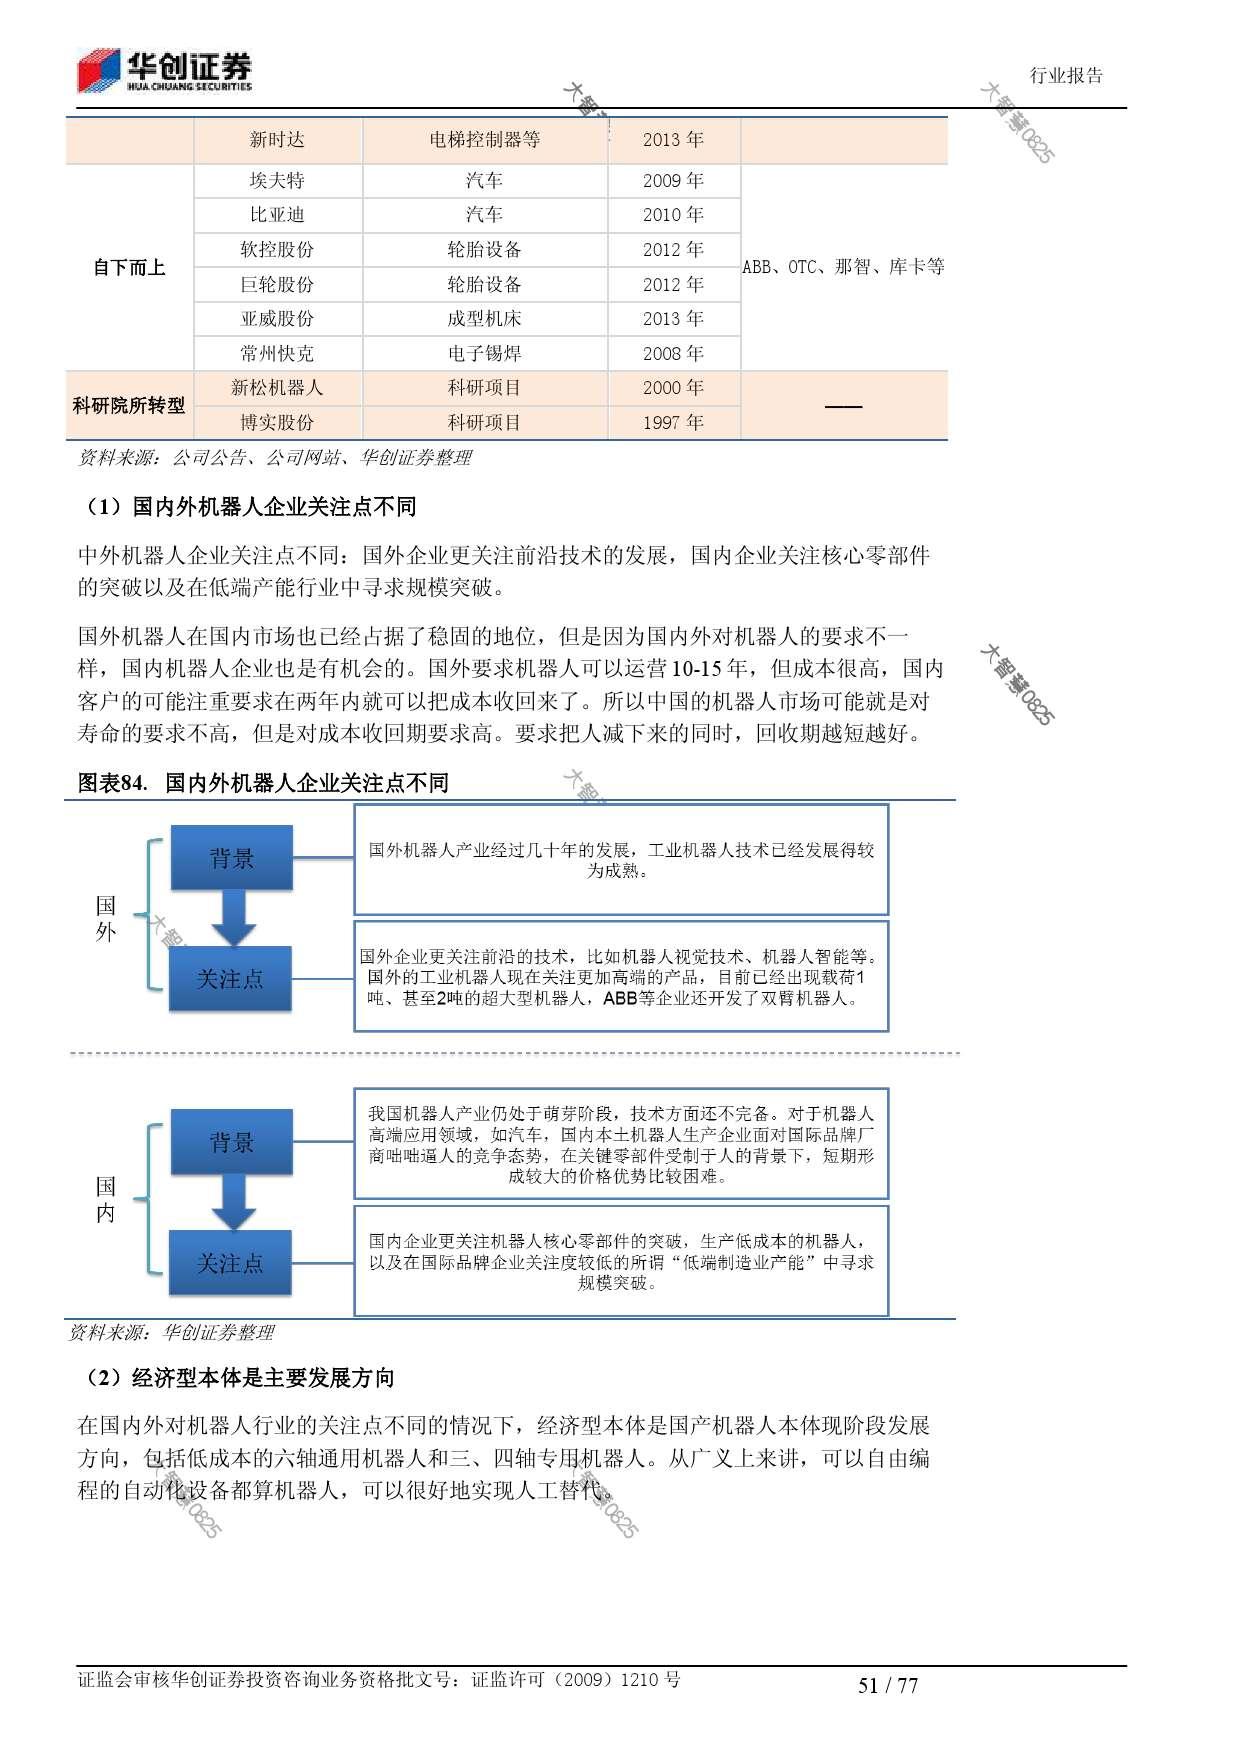 行业研究_华创证券_刘国清,鲁佩_机械设备:机器人大趋势_2014021_000051